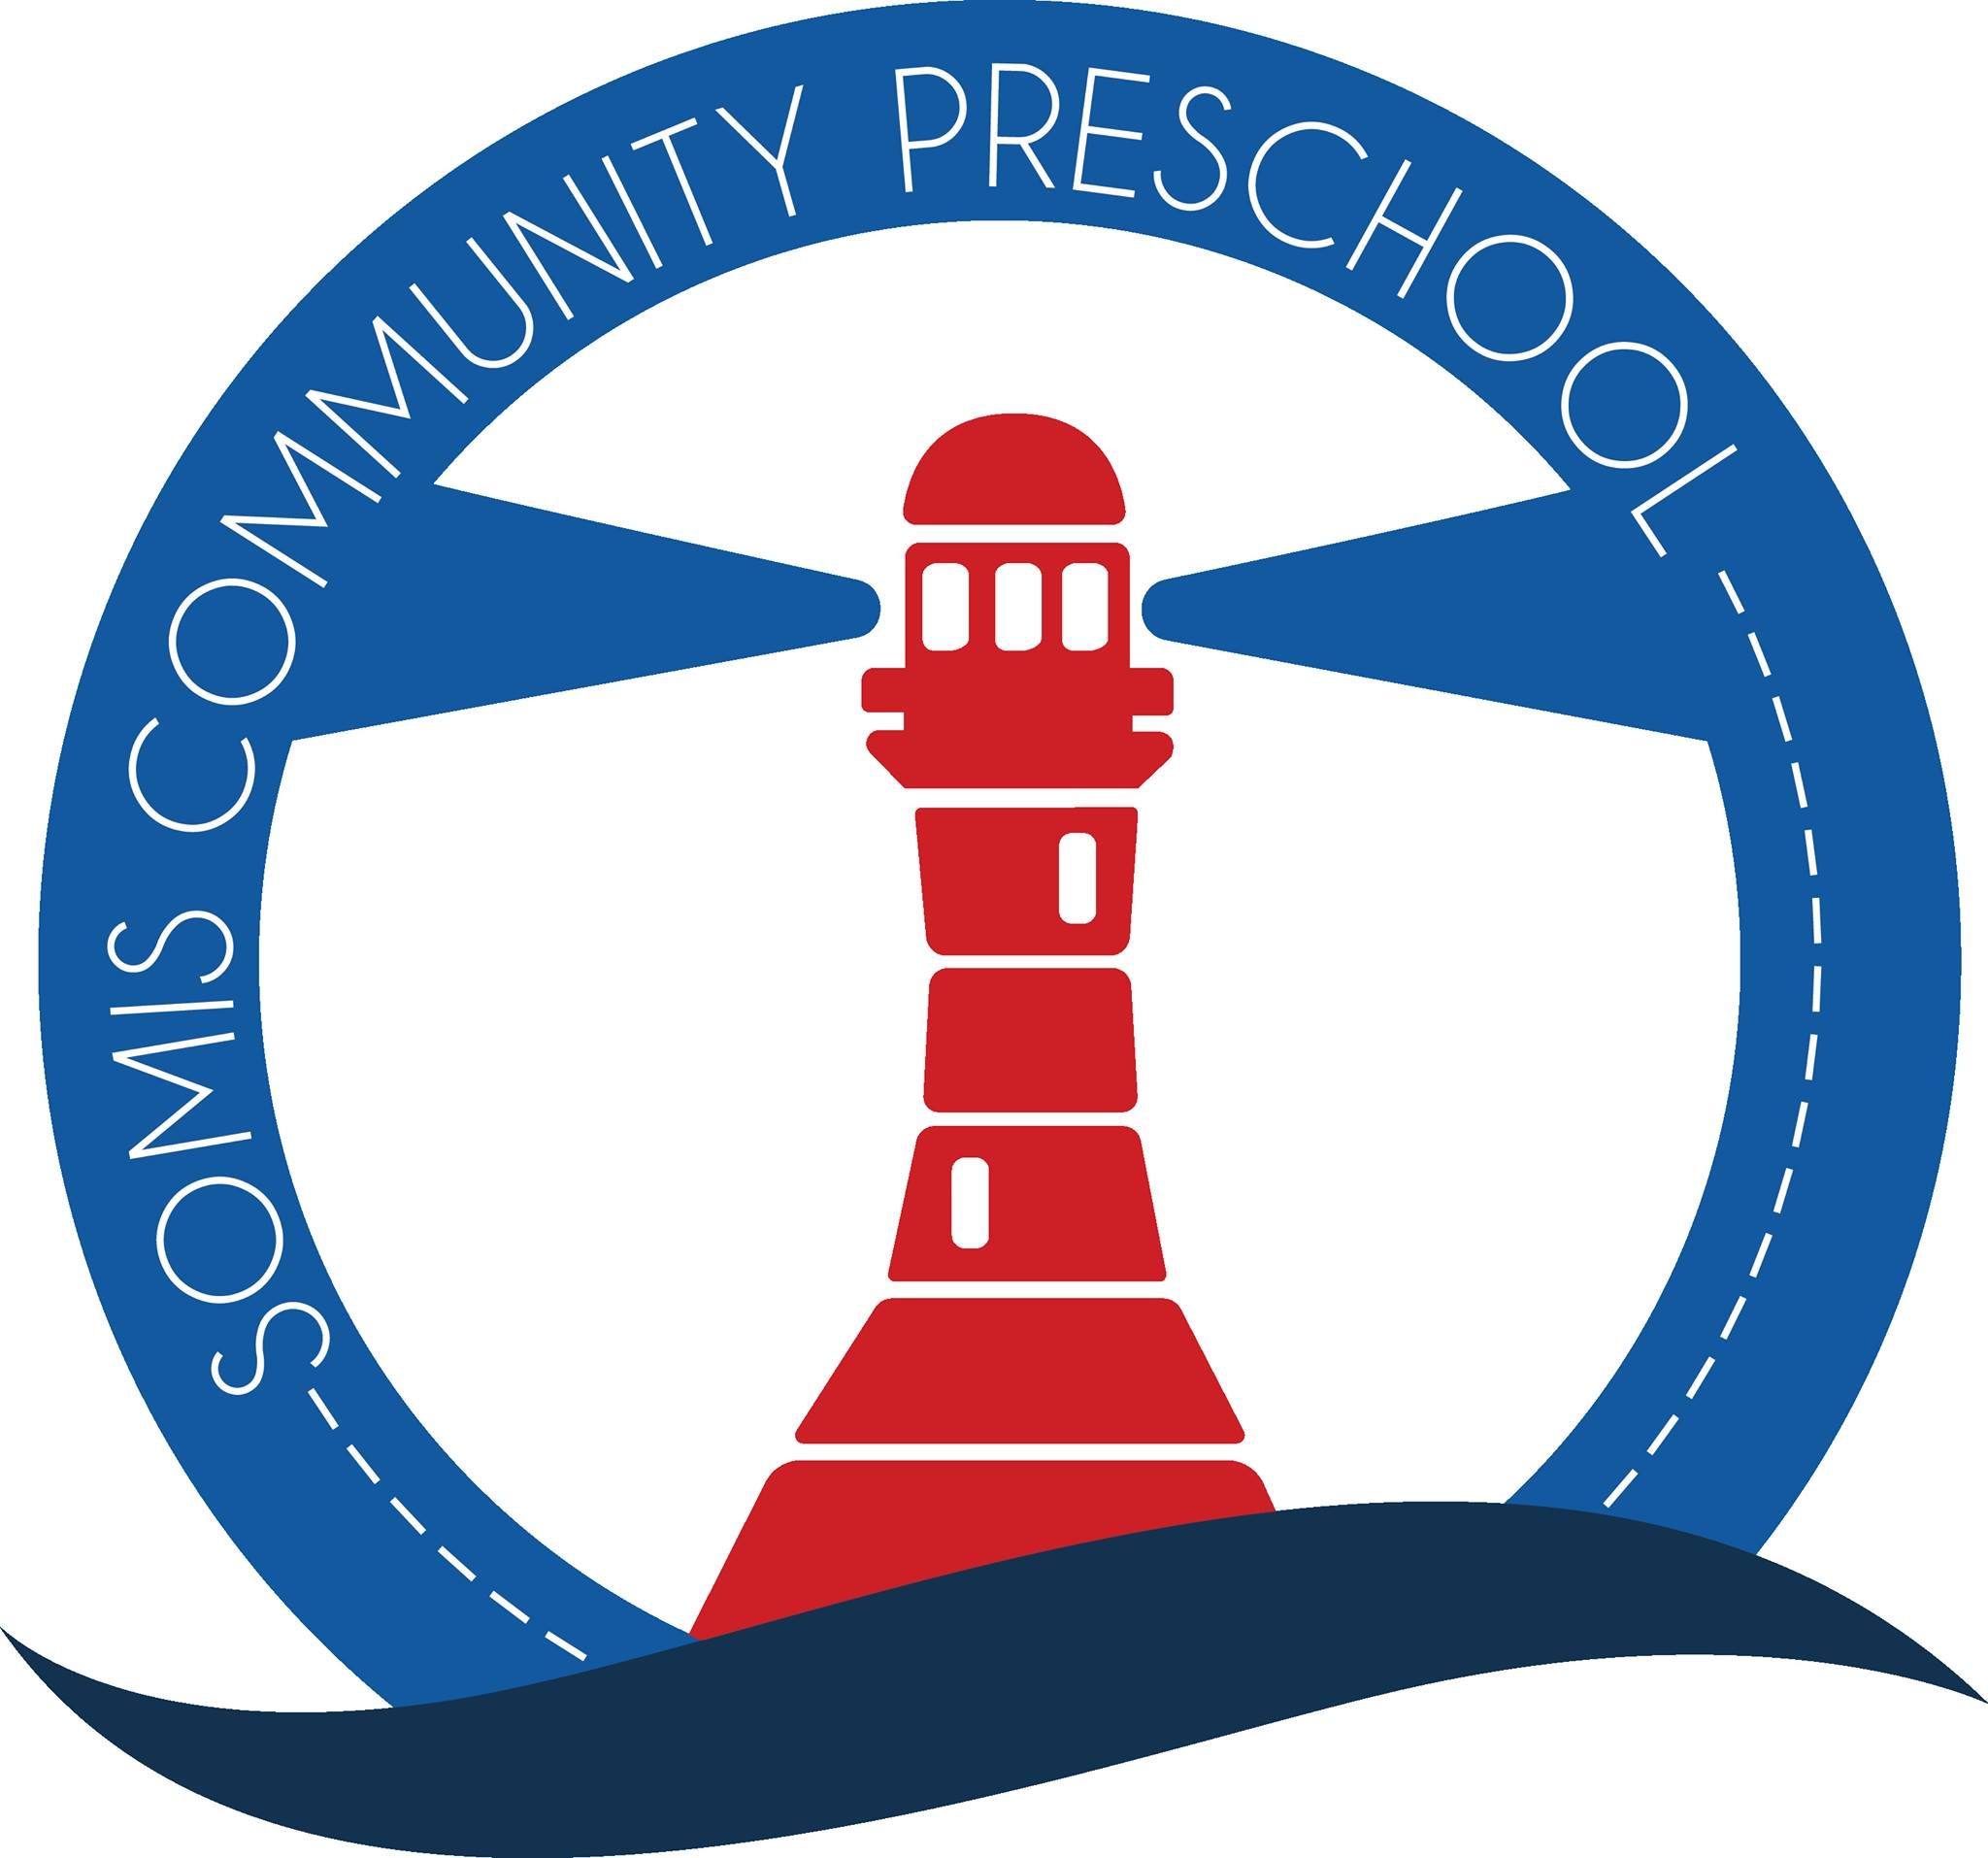 Somis Community Preschool Website